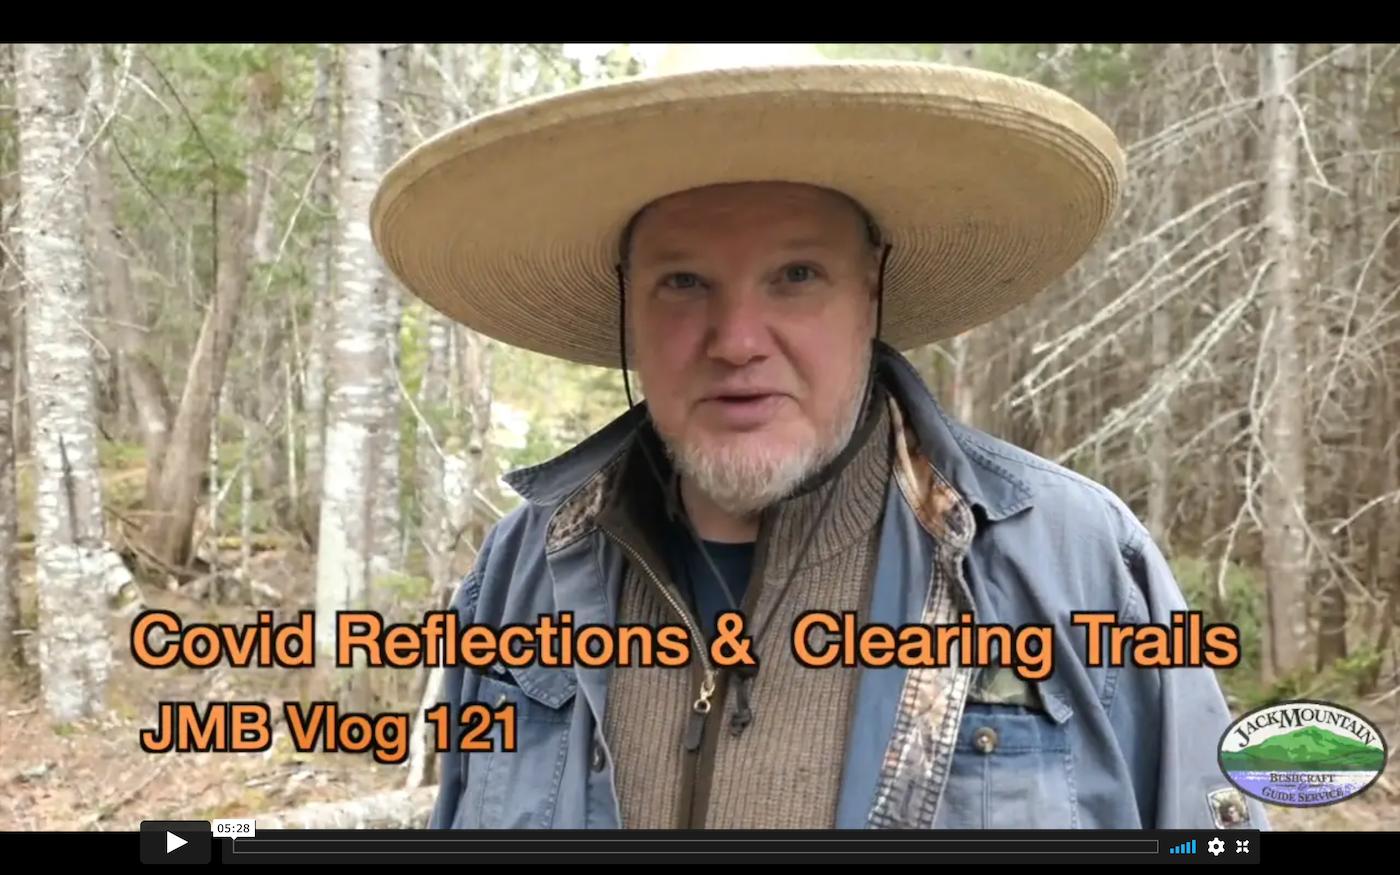 Covid Reflections & Clearing Trails   JMB Vlog 121